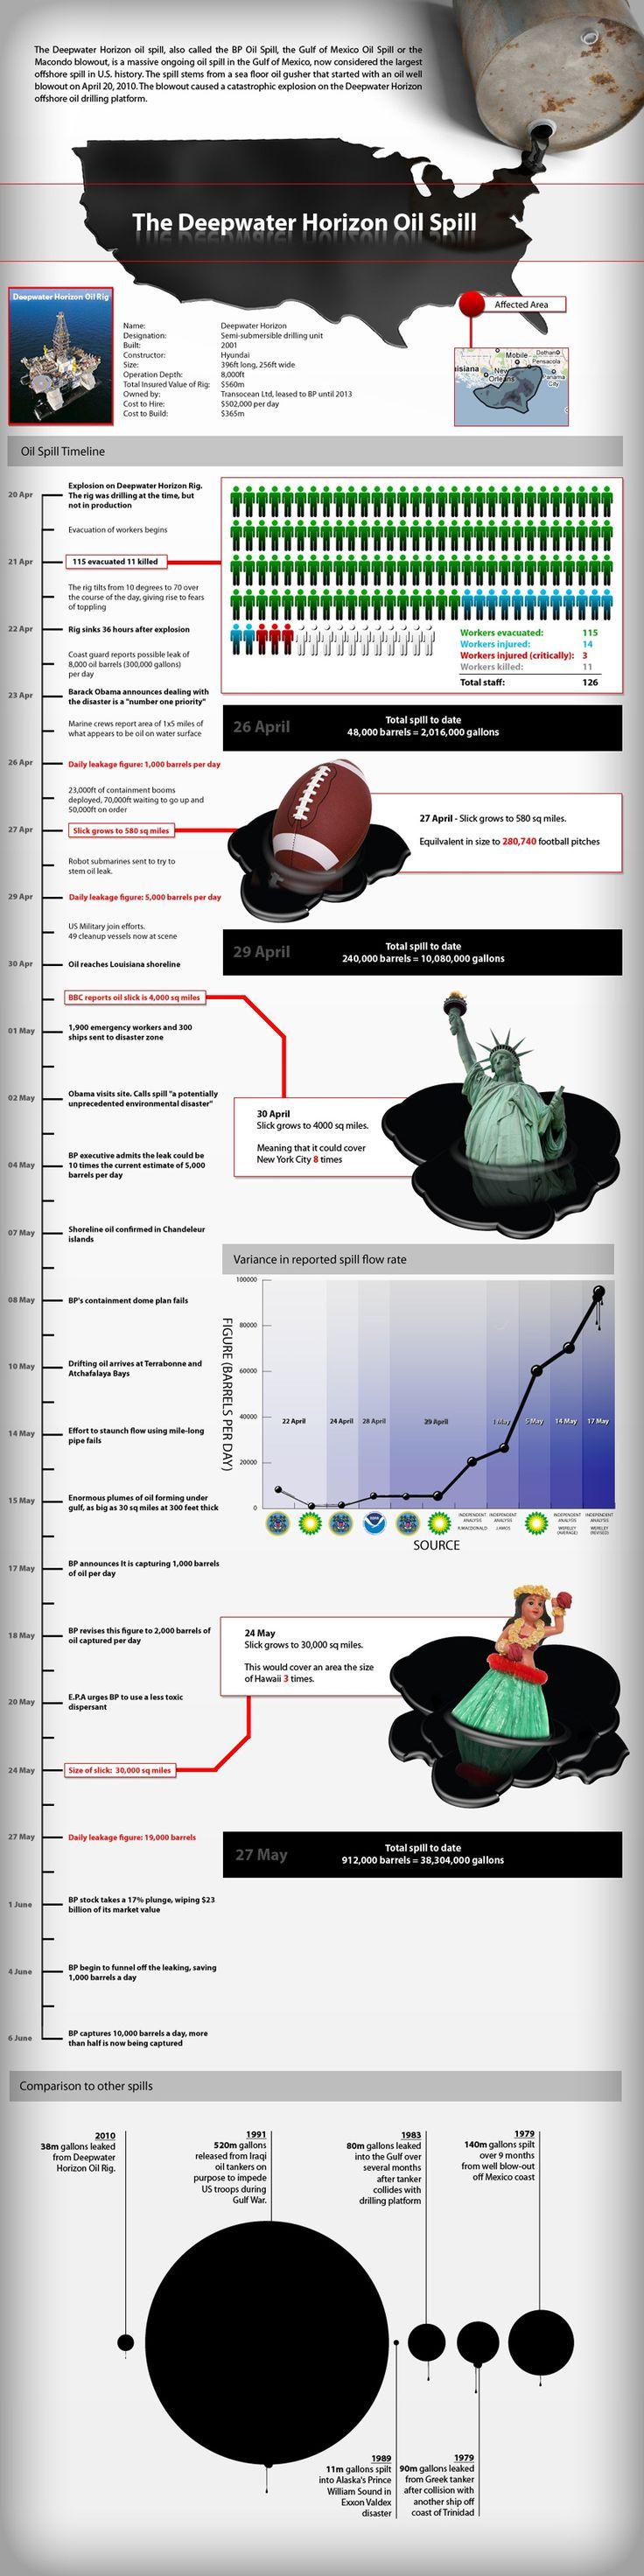 Deepwater Horizon Oil Spill infographic